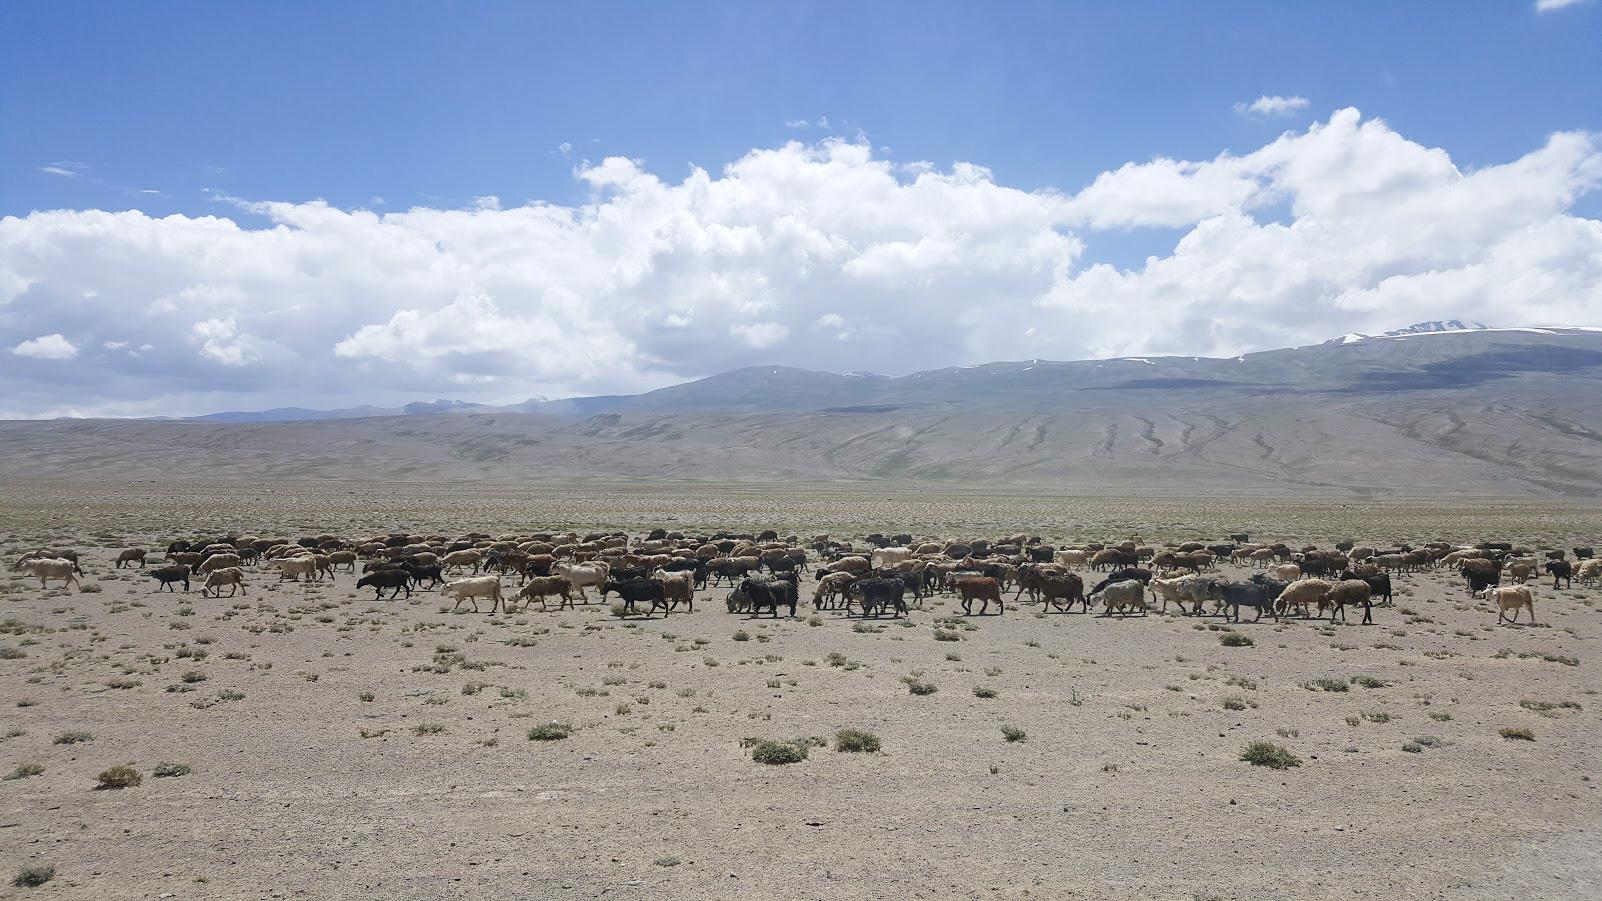 Tadzikistan Kirgisia Pamir